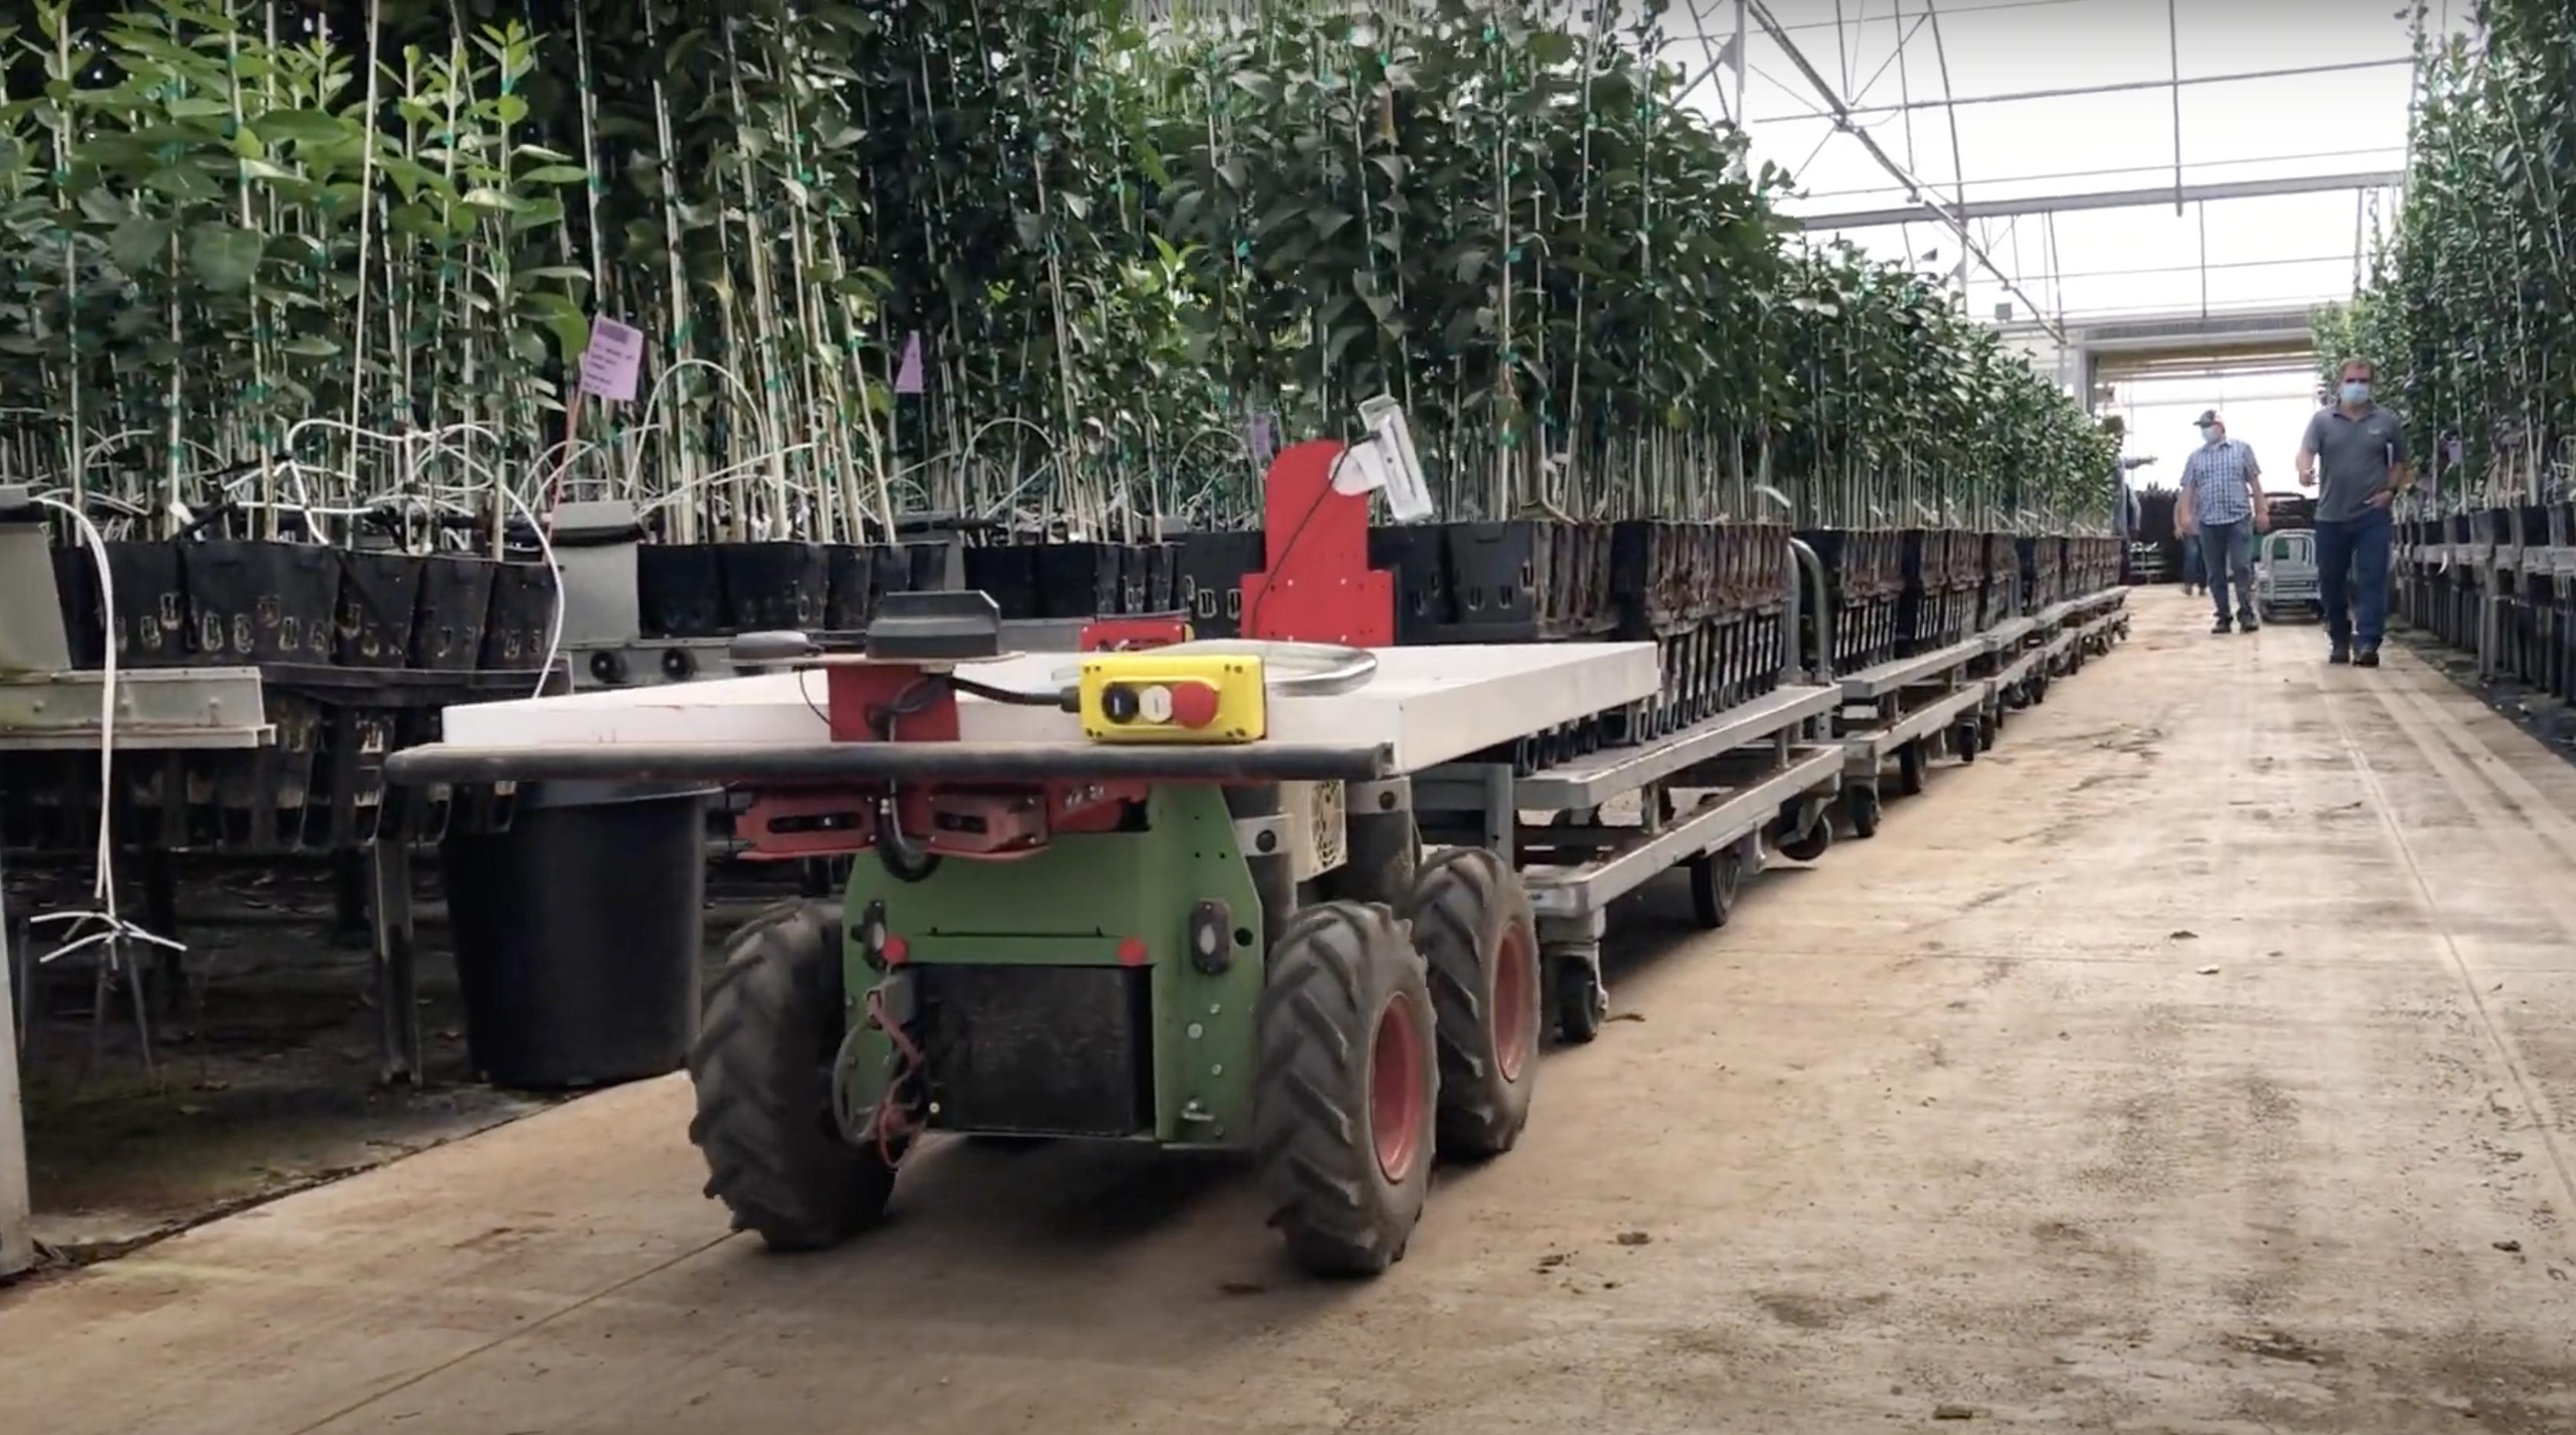 Burro raises $ 10.9 million for autonomous transport of agricultural products – TechCrunch